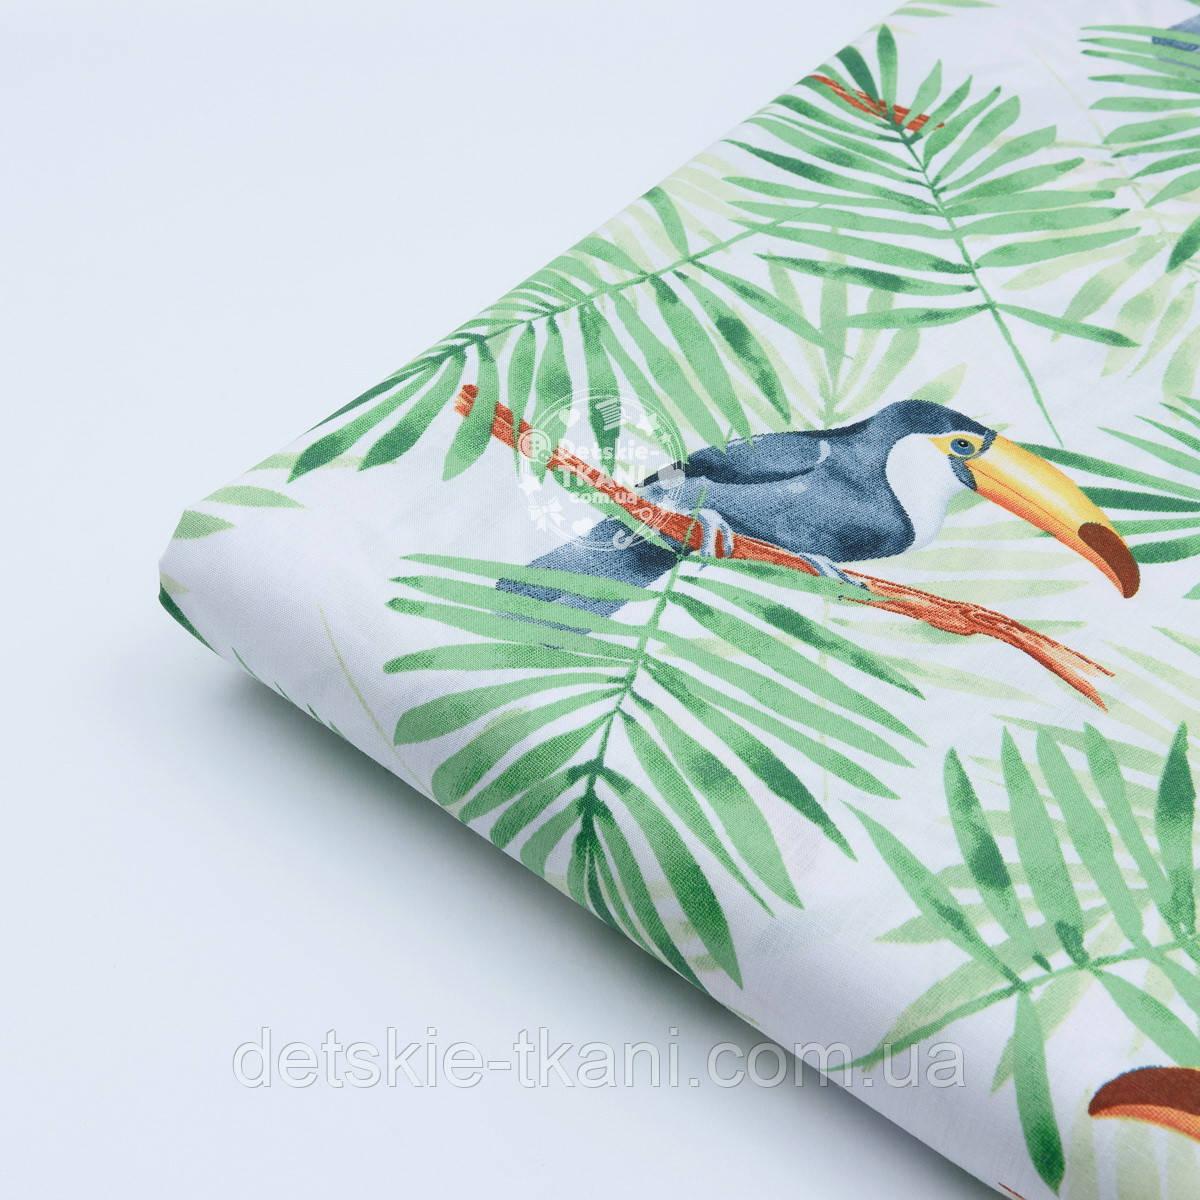 """Лоскут ткани """"Большие туканы на зелёных пальмовых ветках"""" на белом №1815а размер 23*80 см"""